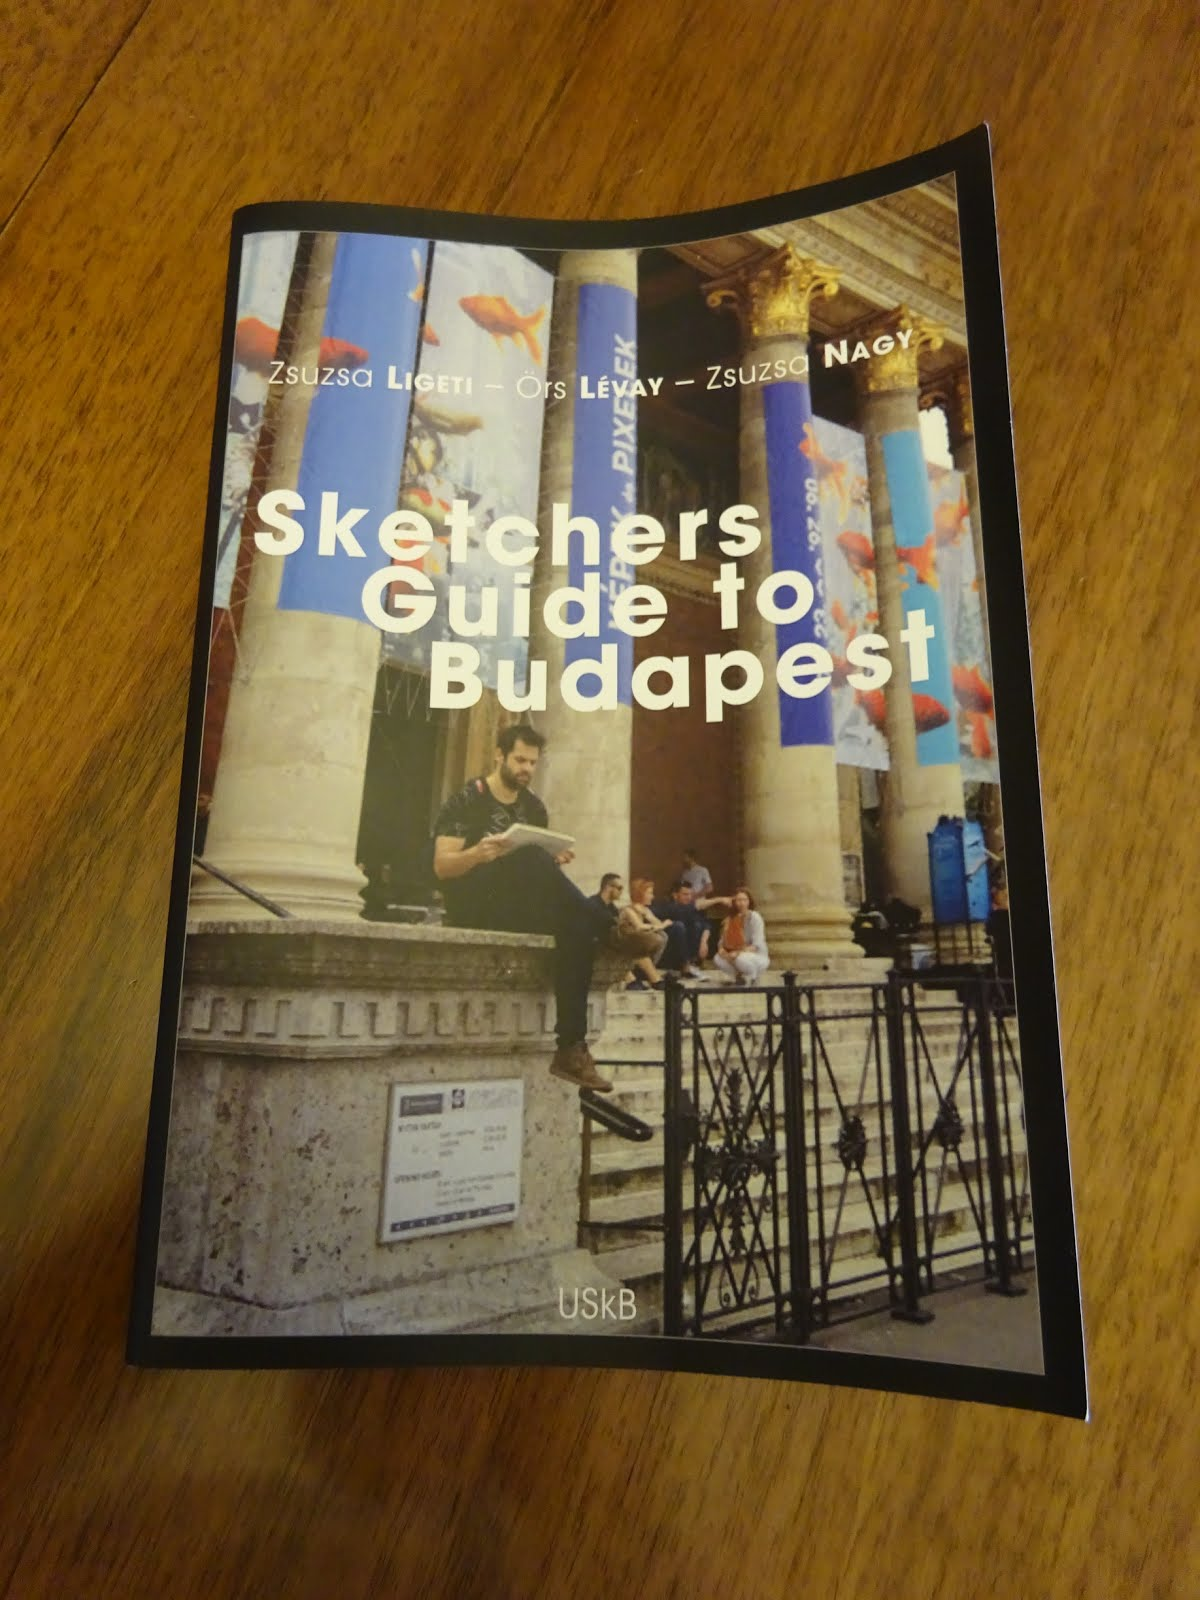 Ligeti - Lévay - Nagy: Sketchers Guide to Budapest